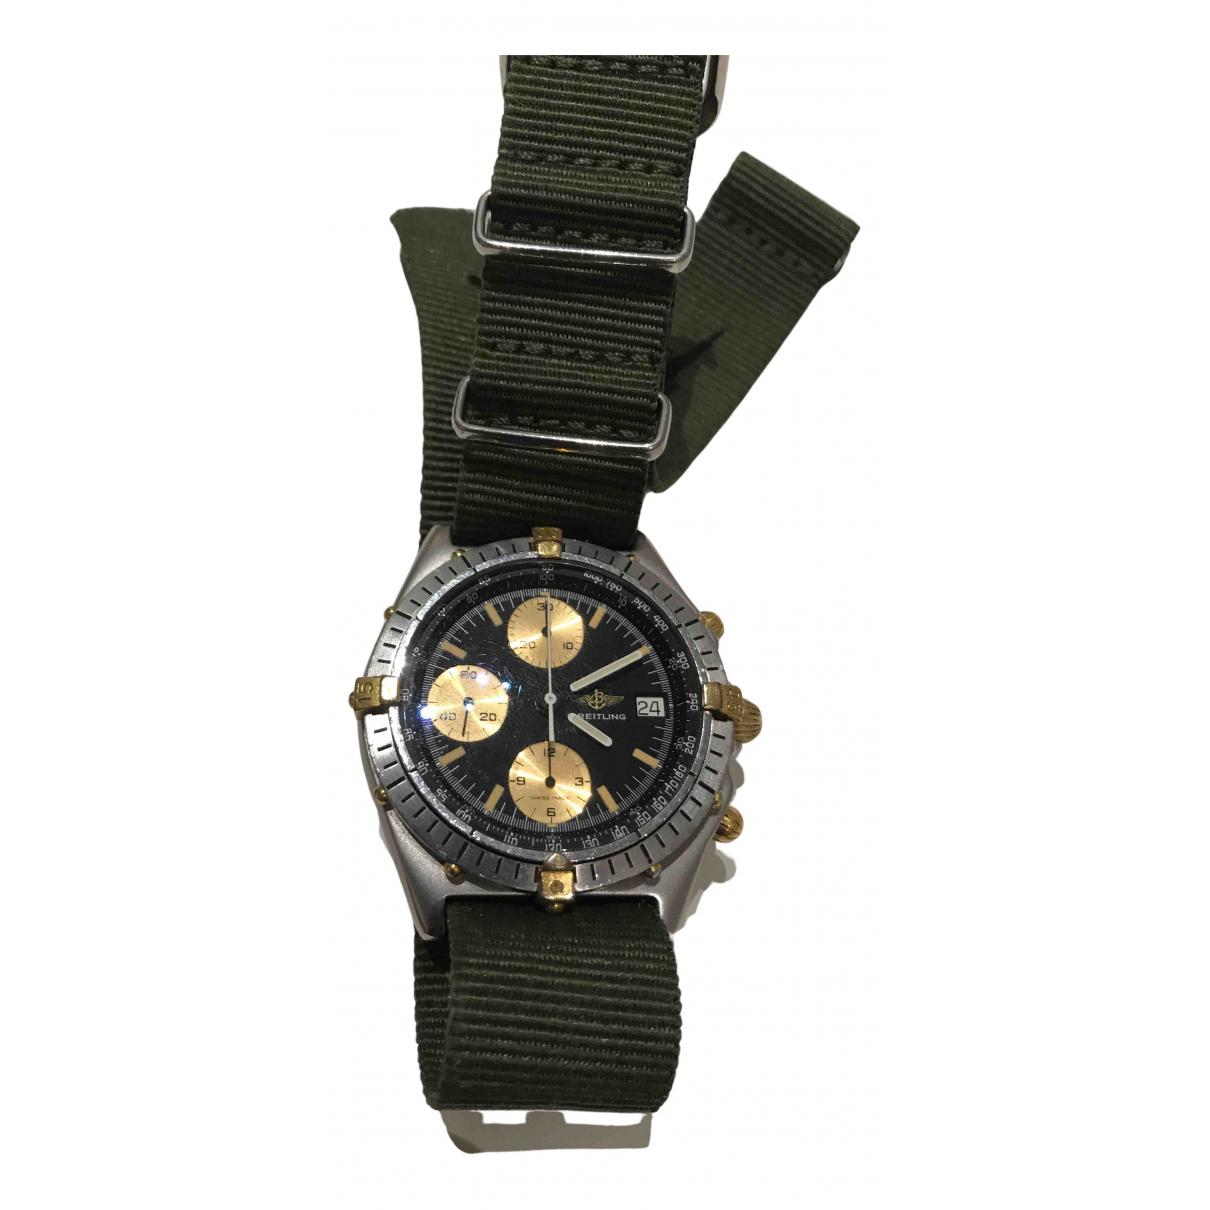 Breitling Chronomat Uhr in  Silber Gold und Stahl